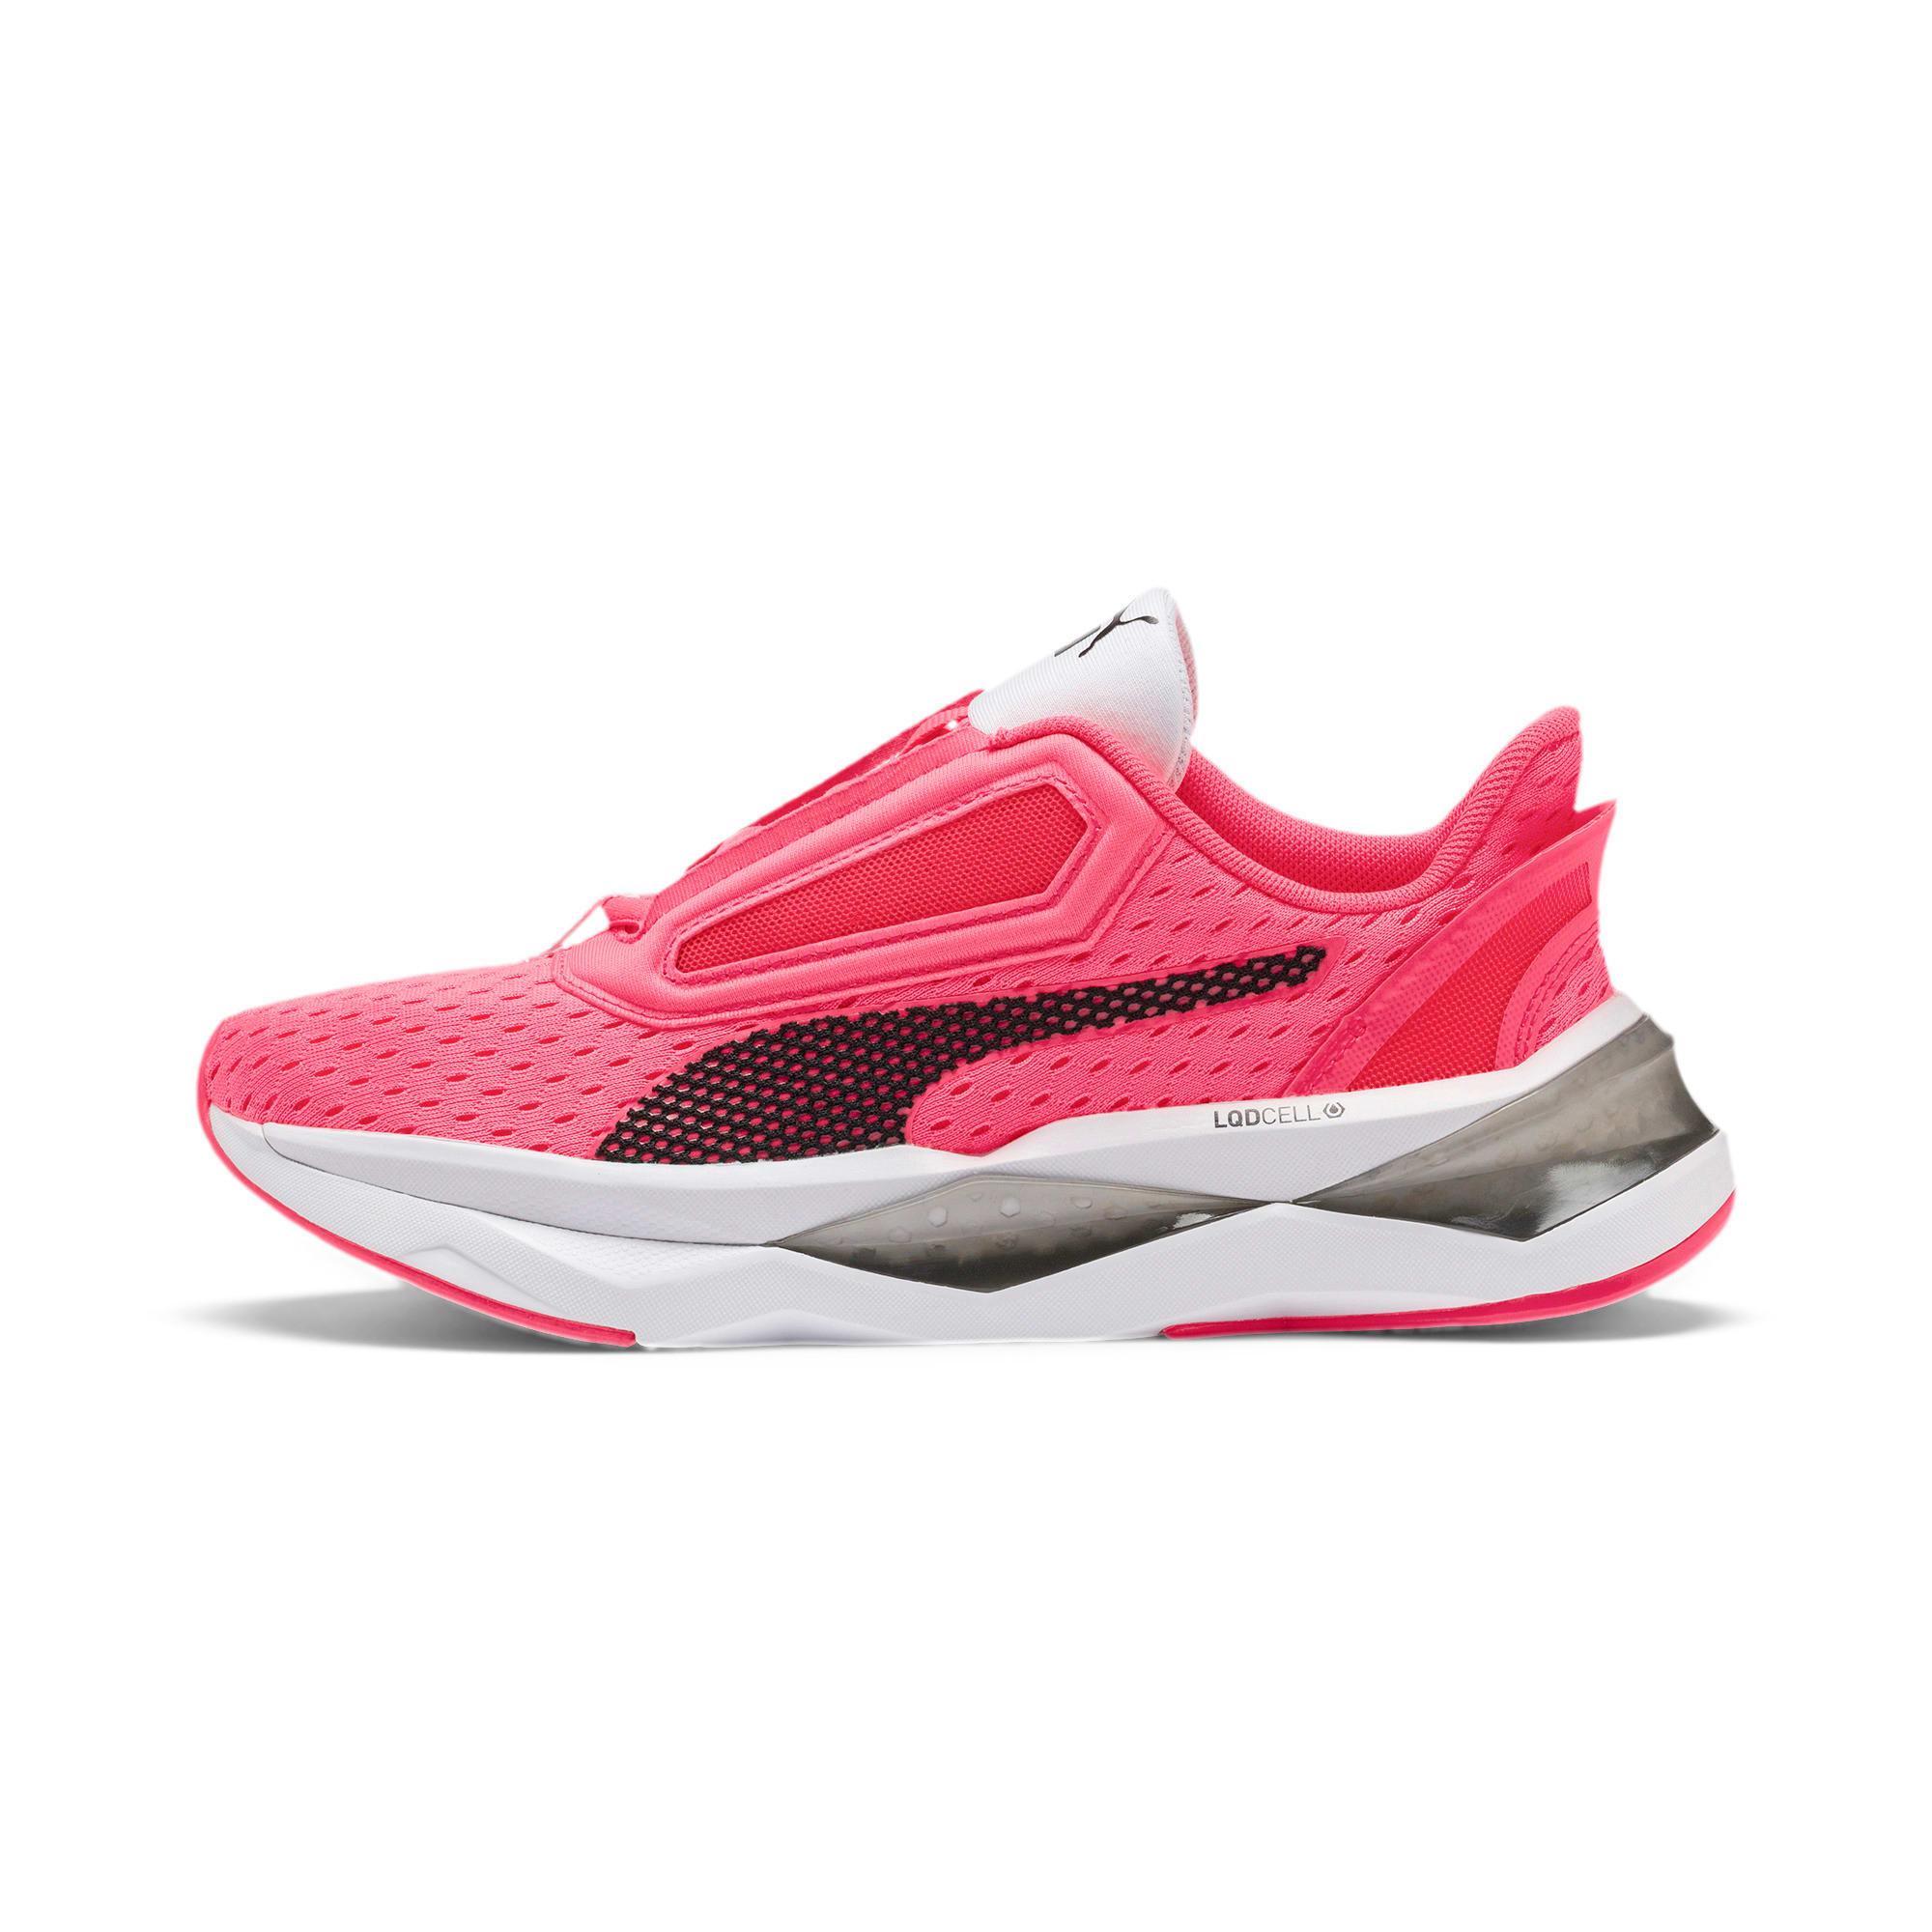 Imagen en miniatura 1 de Zapatillas de training de mujer LQDCell Shatter XT, Pink Alert-Puma White, mediana